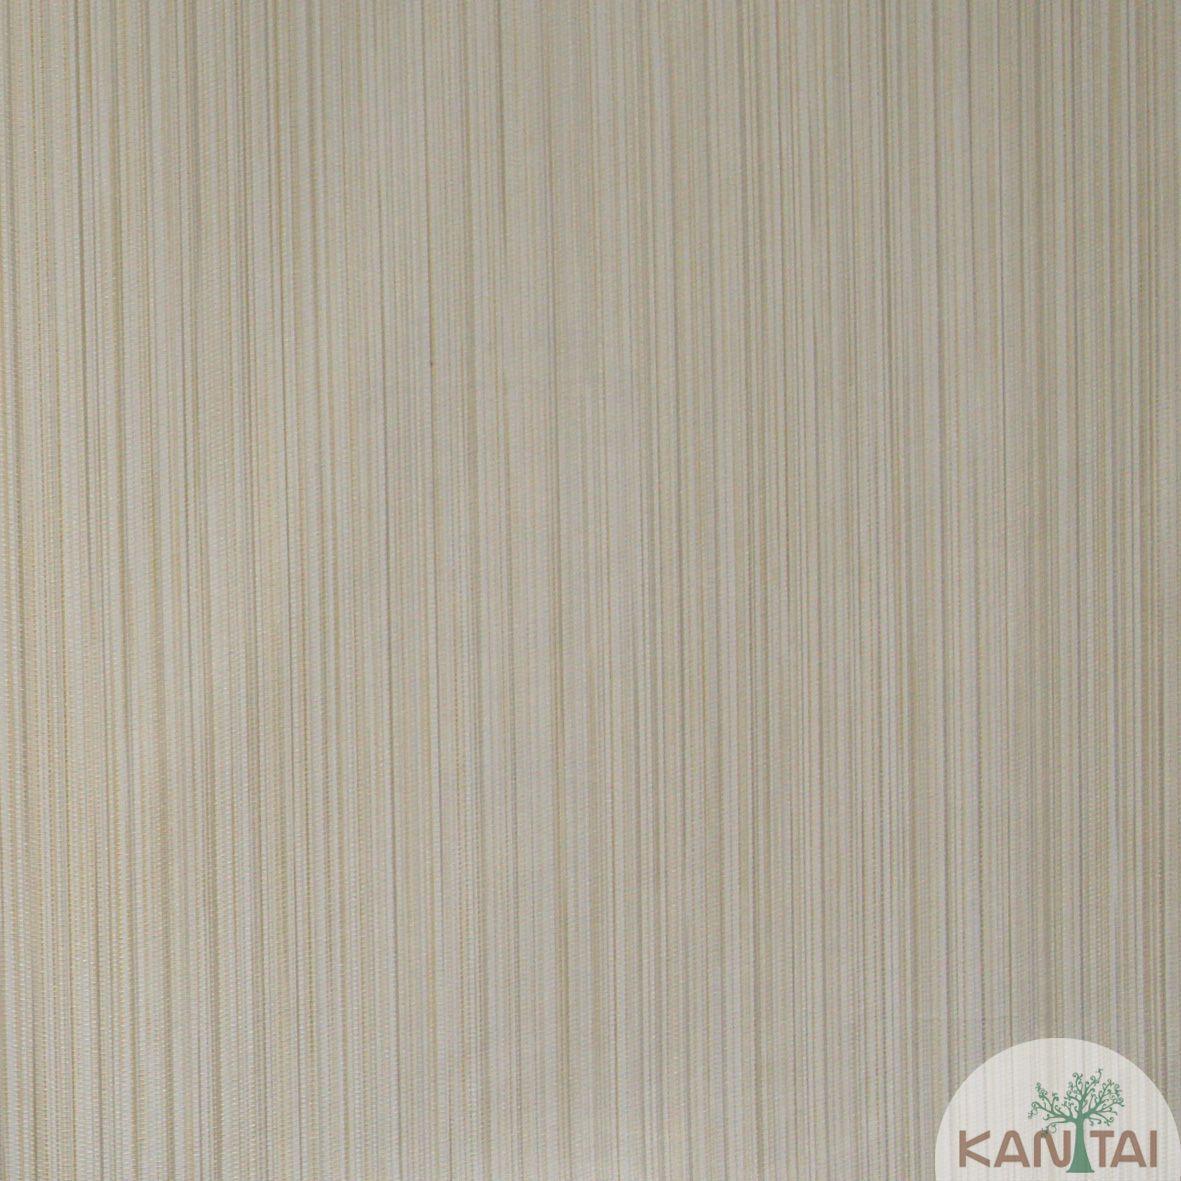 Papel de Parede Importado  Kan Tai Vinílico Coleção Grace Textura Listras Bege, Dourado